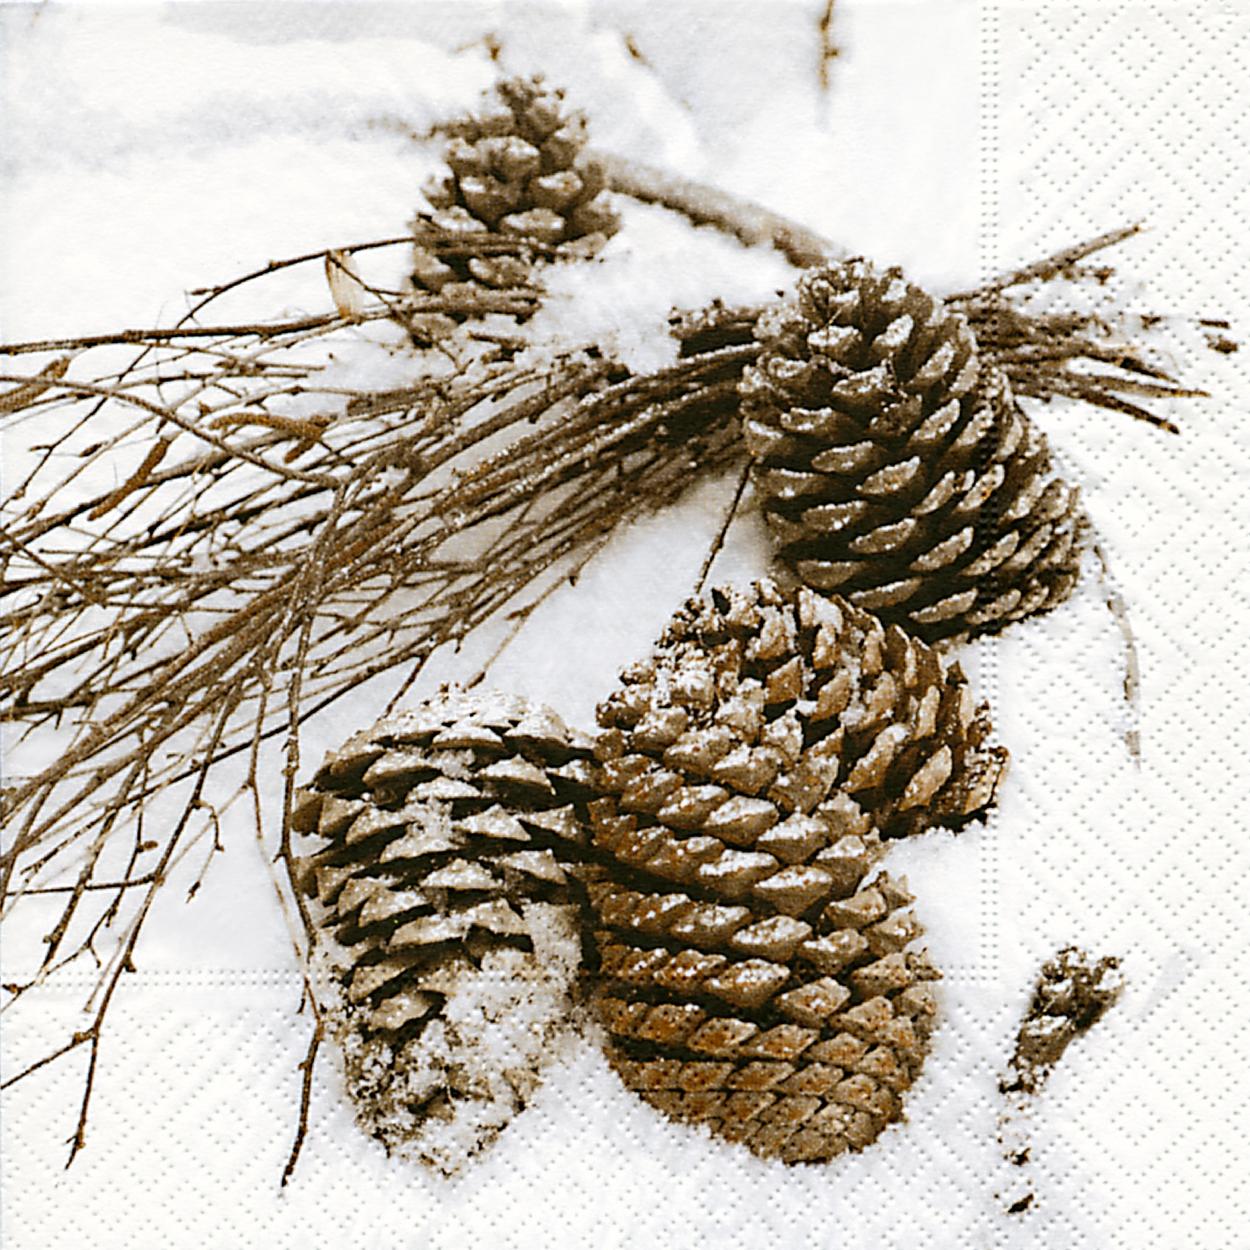 Lunch Servietten Cones in snow,  Früchte - Zapfen,  Weihnachten,  lunchservietten,  Zapfen